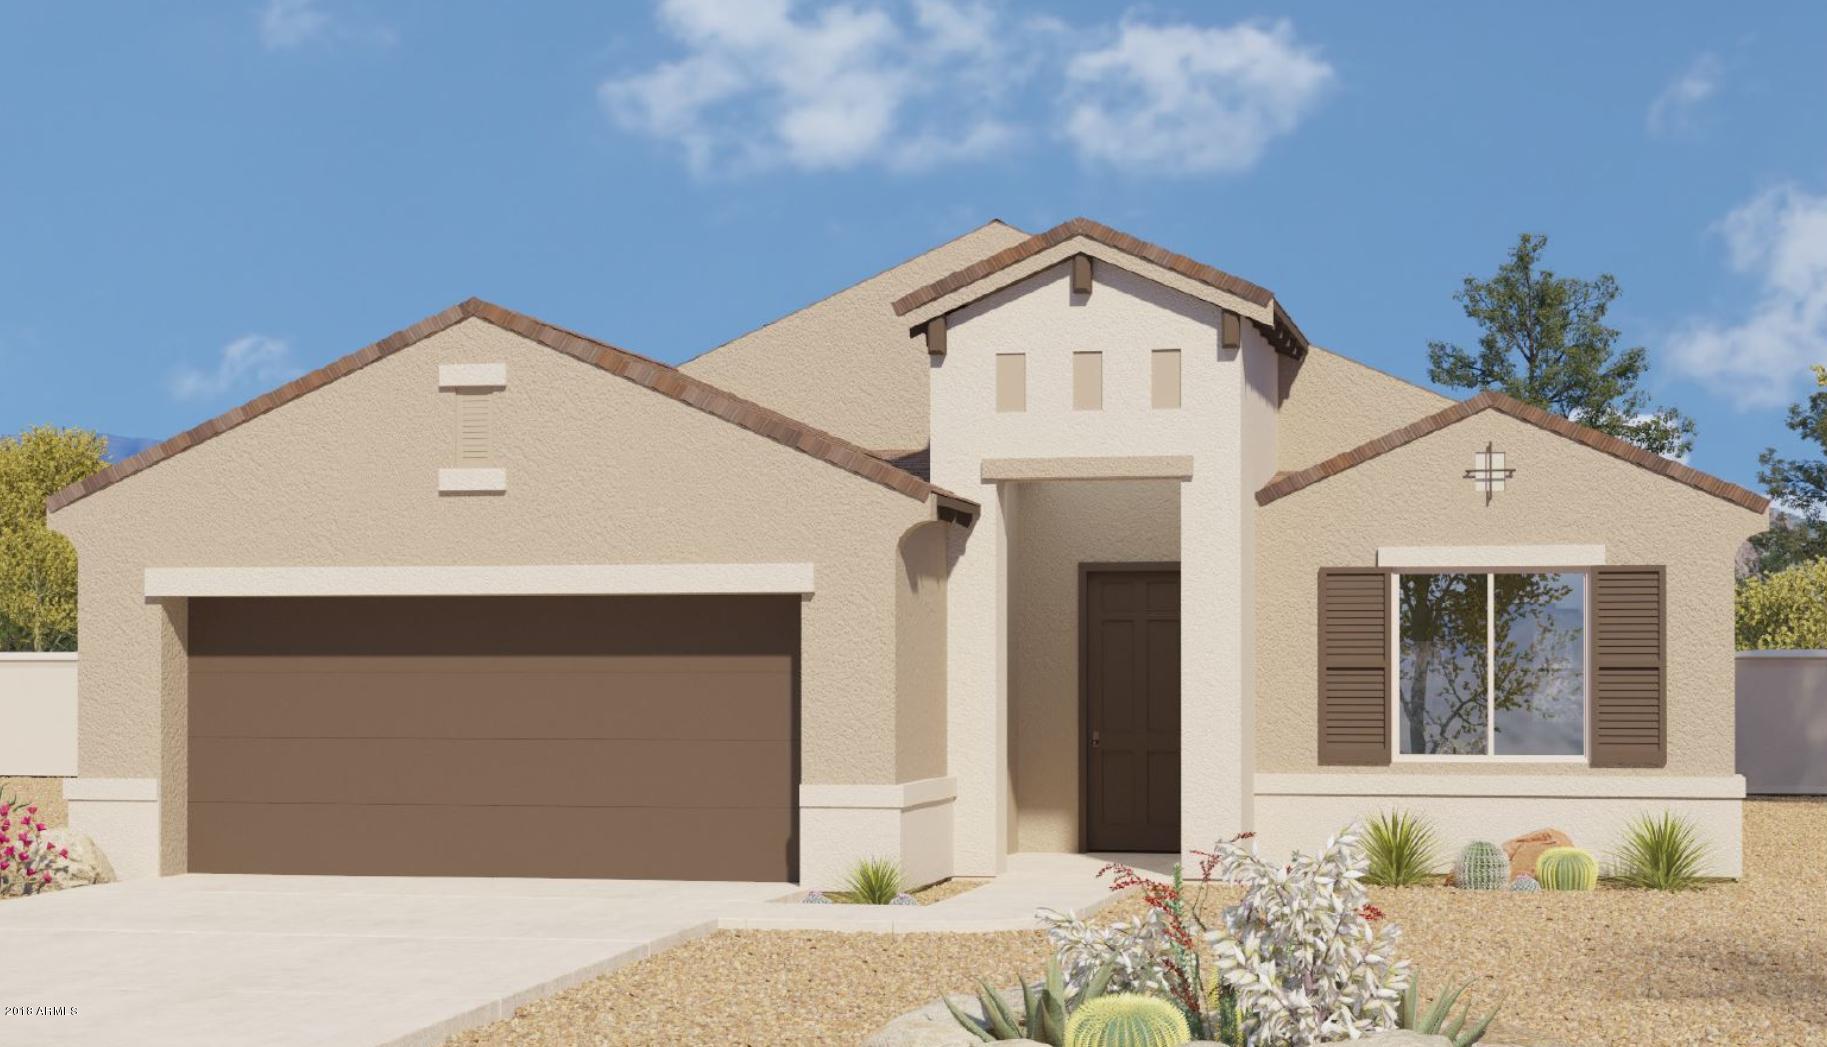 20244 N JONES Drive, Maricopa, AZ 85138